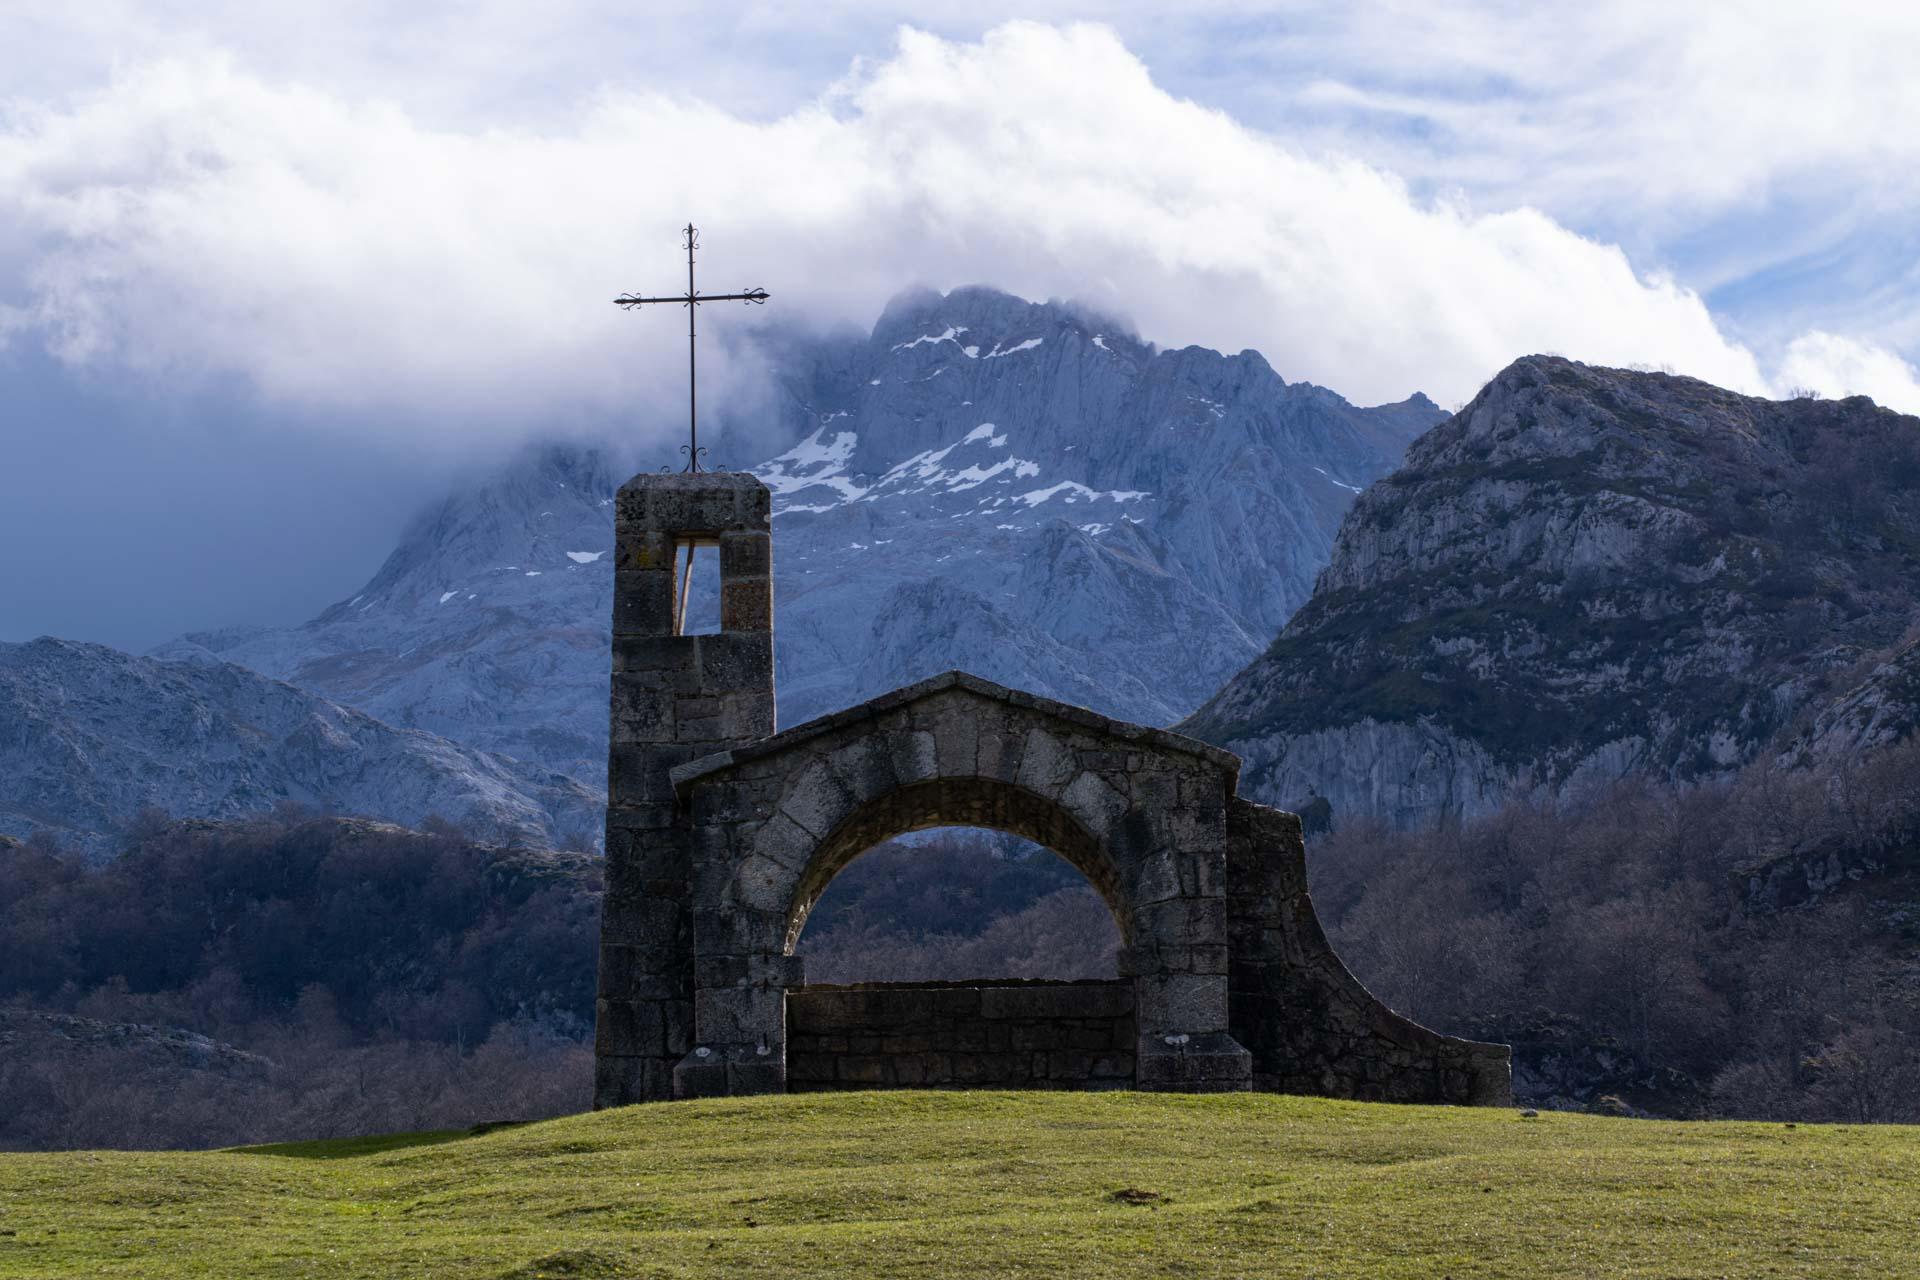 Ruta Circular A Los Lagos De Covadonga Cómo Subir Macizo Occidental De Picos De Europa Animales Viajeros